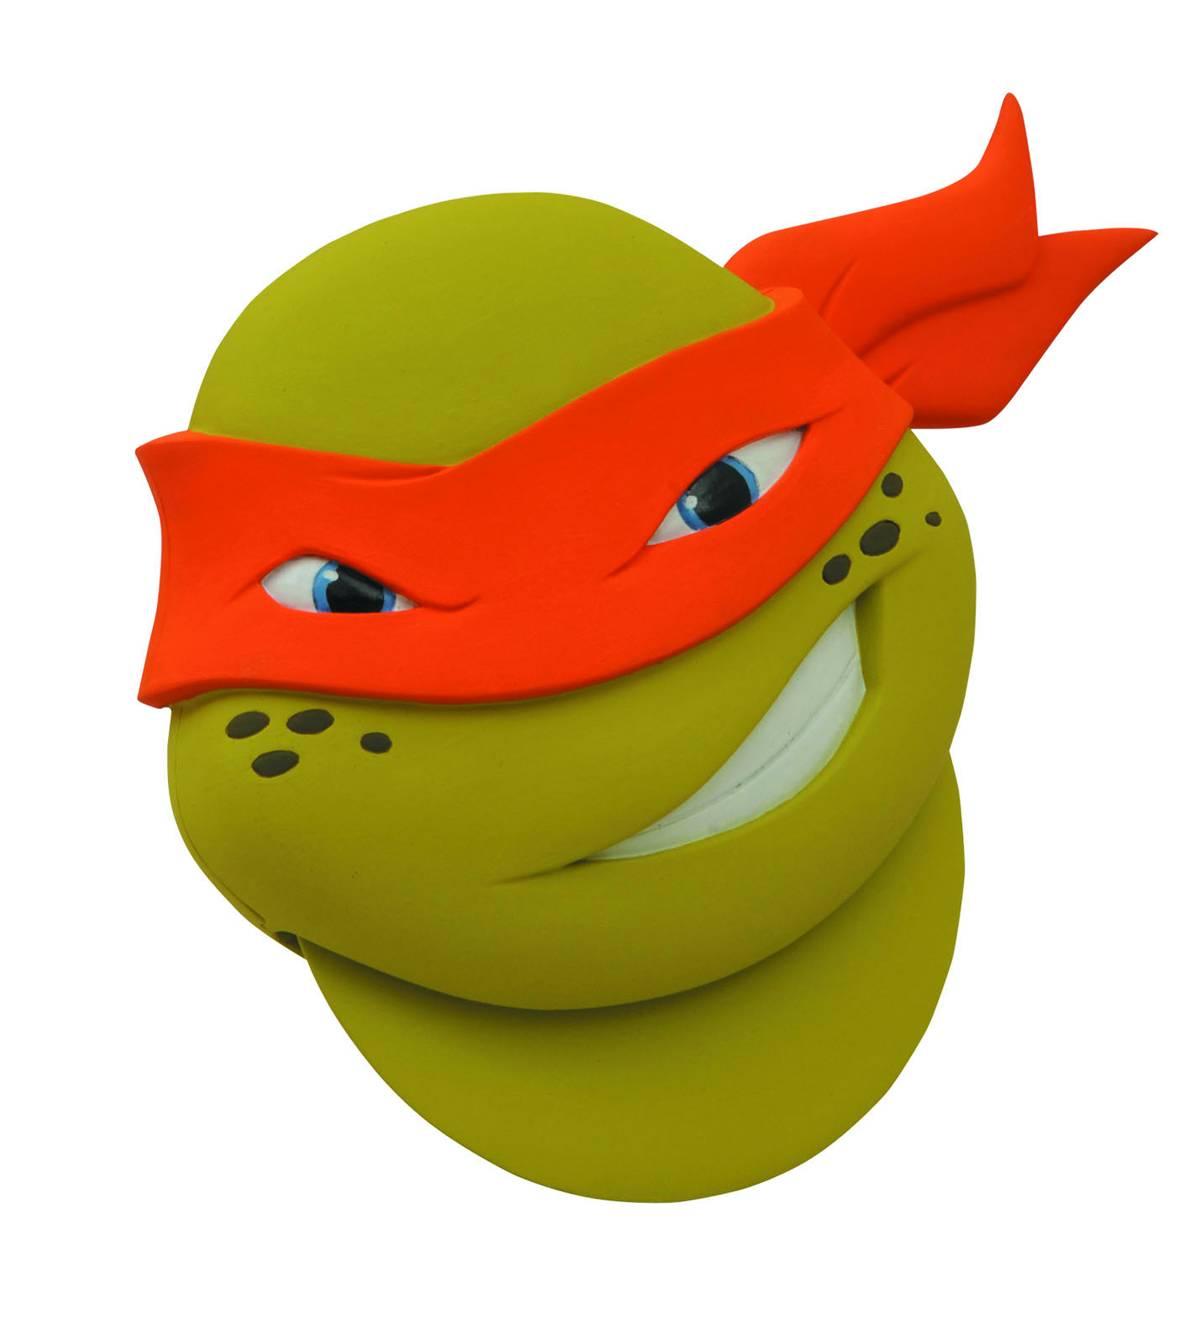 TMNT Michelangelo Pizza Cutter